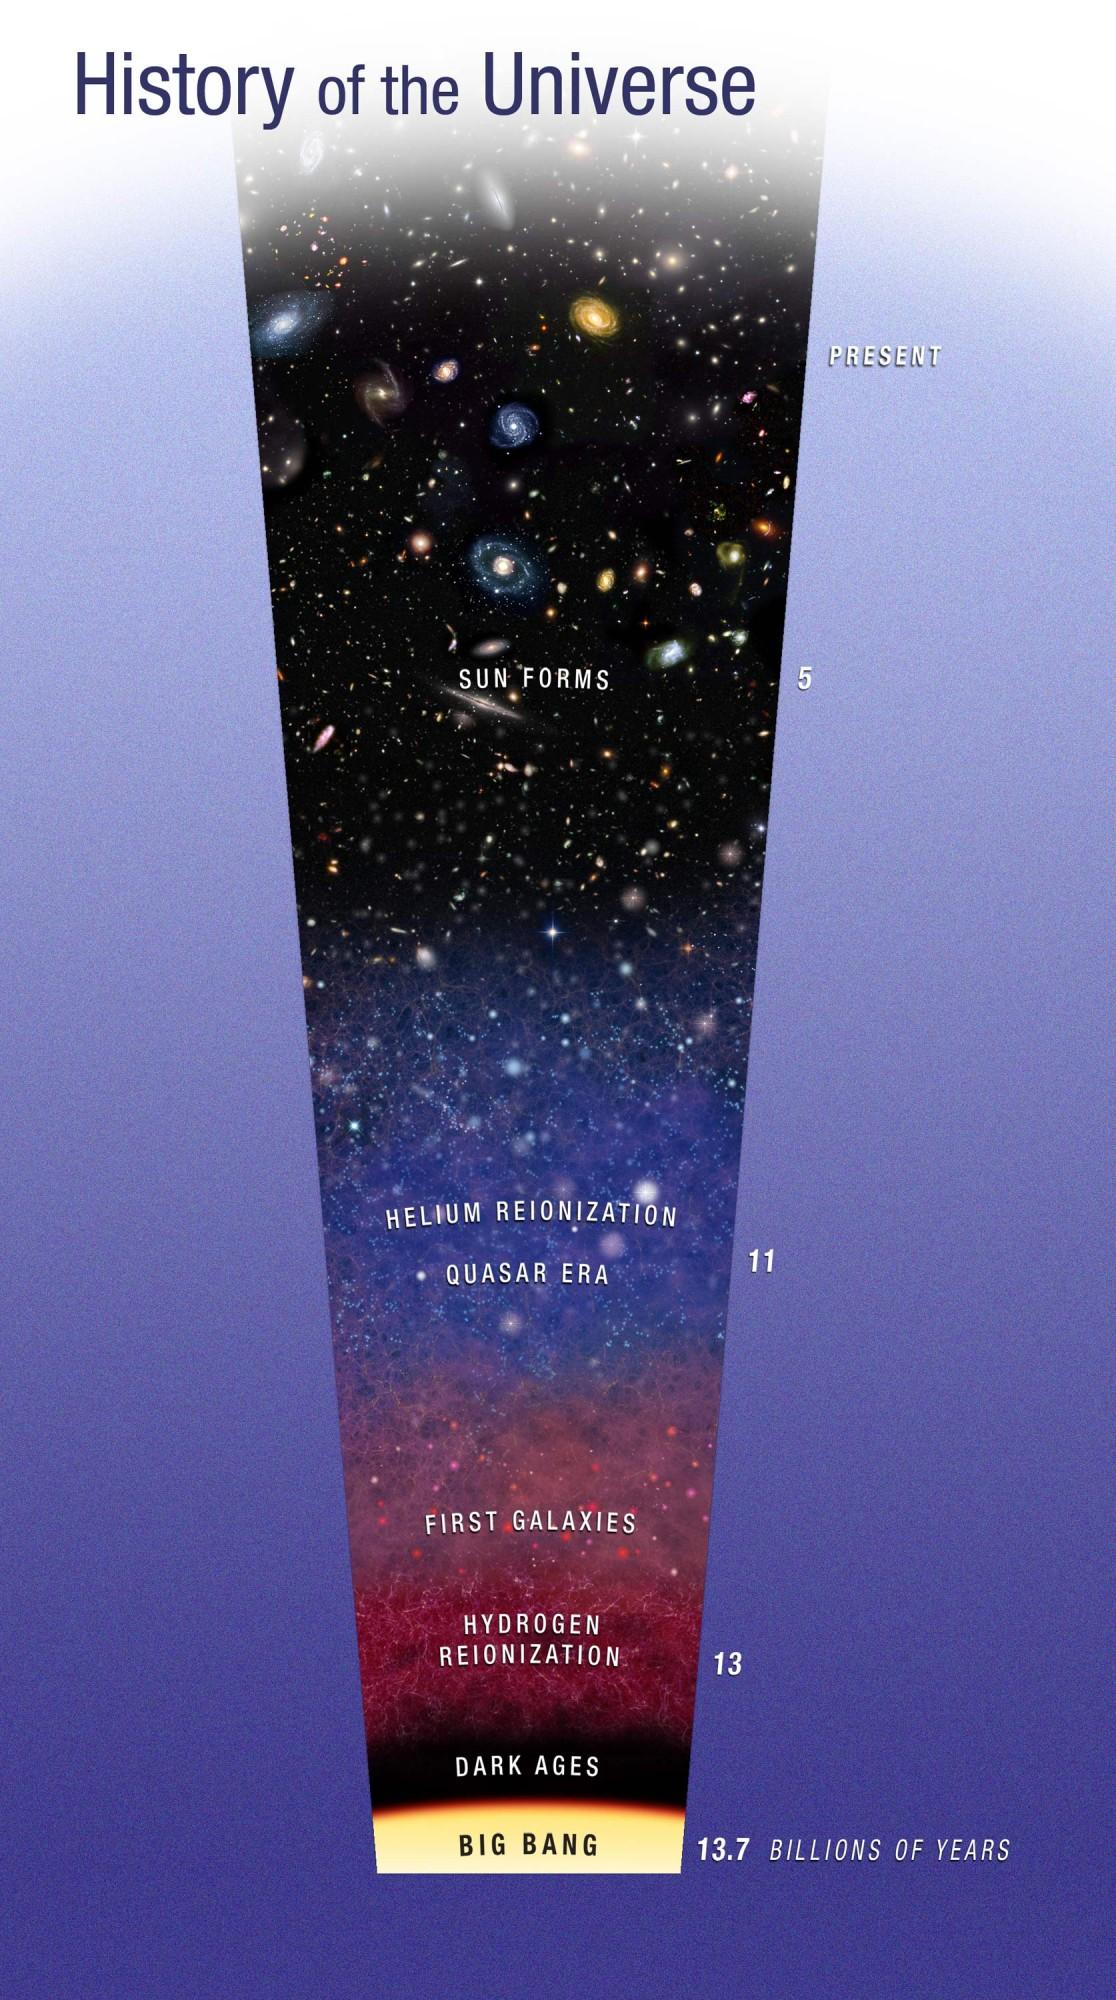 NASA History of the Universe